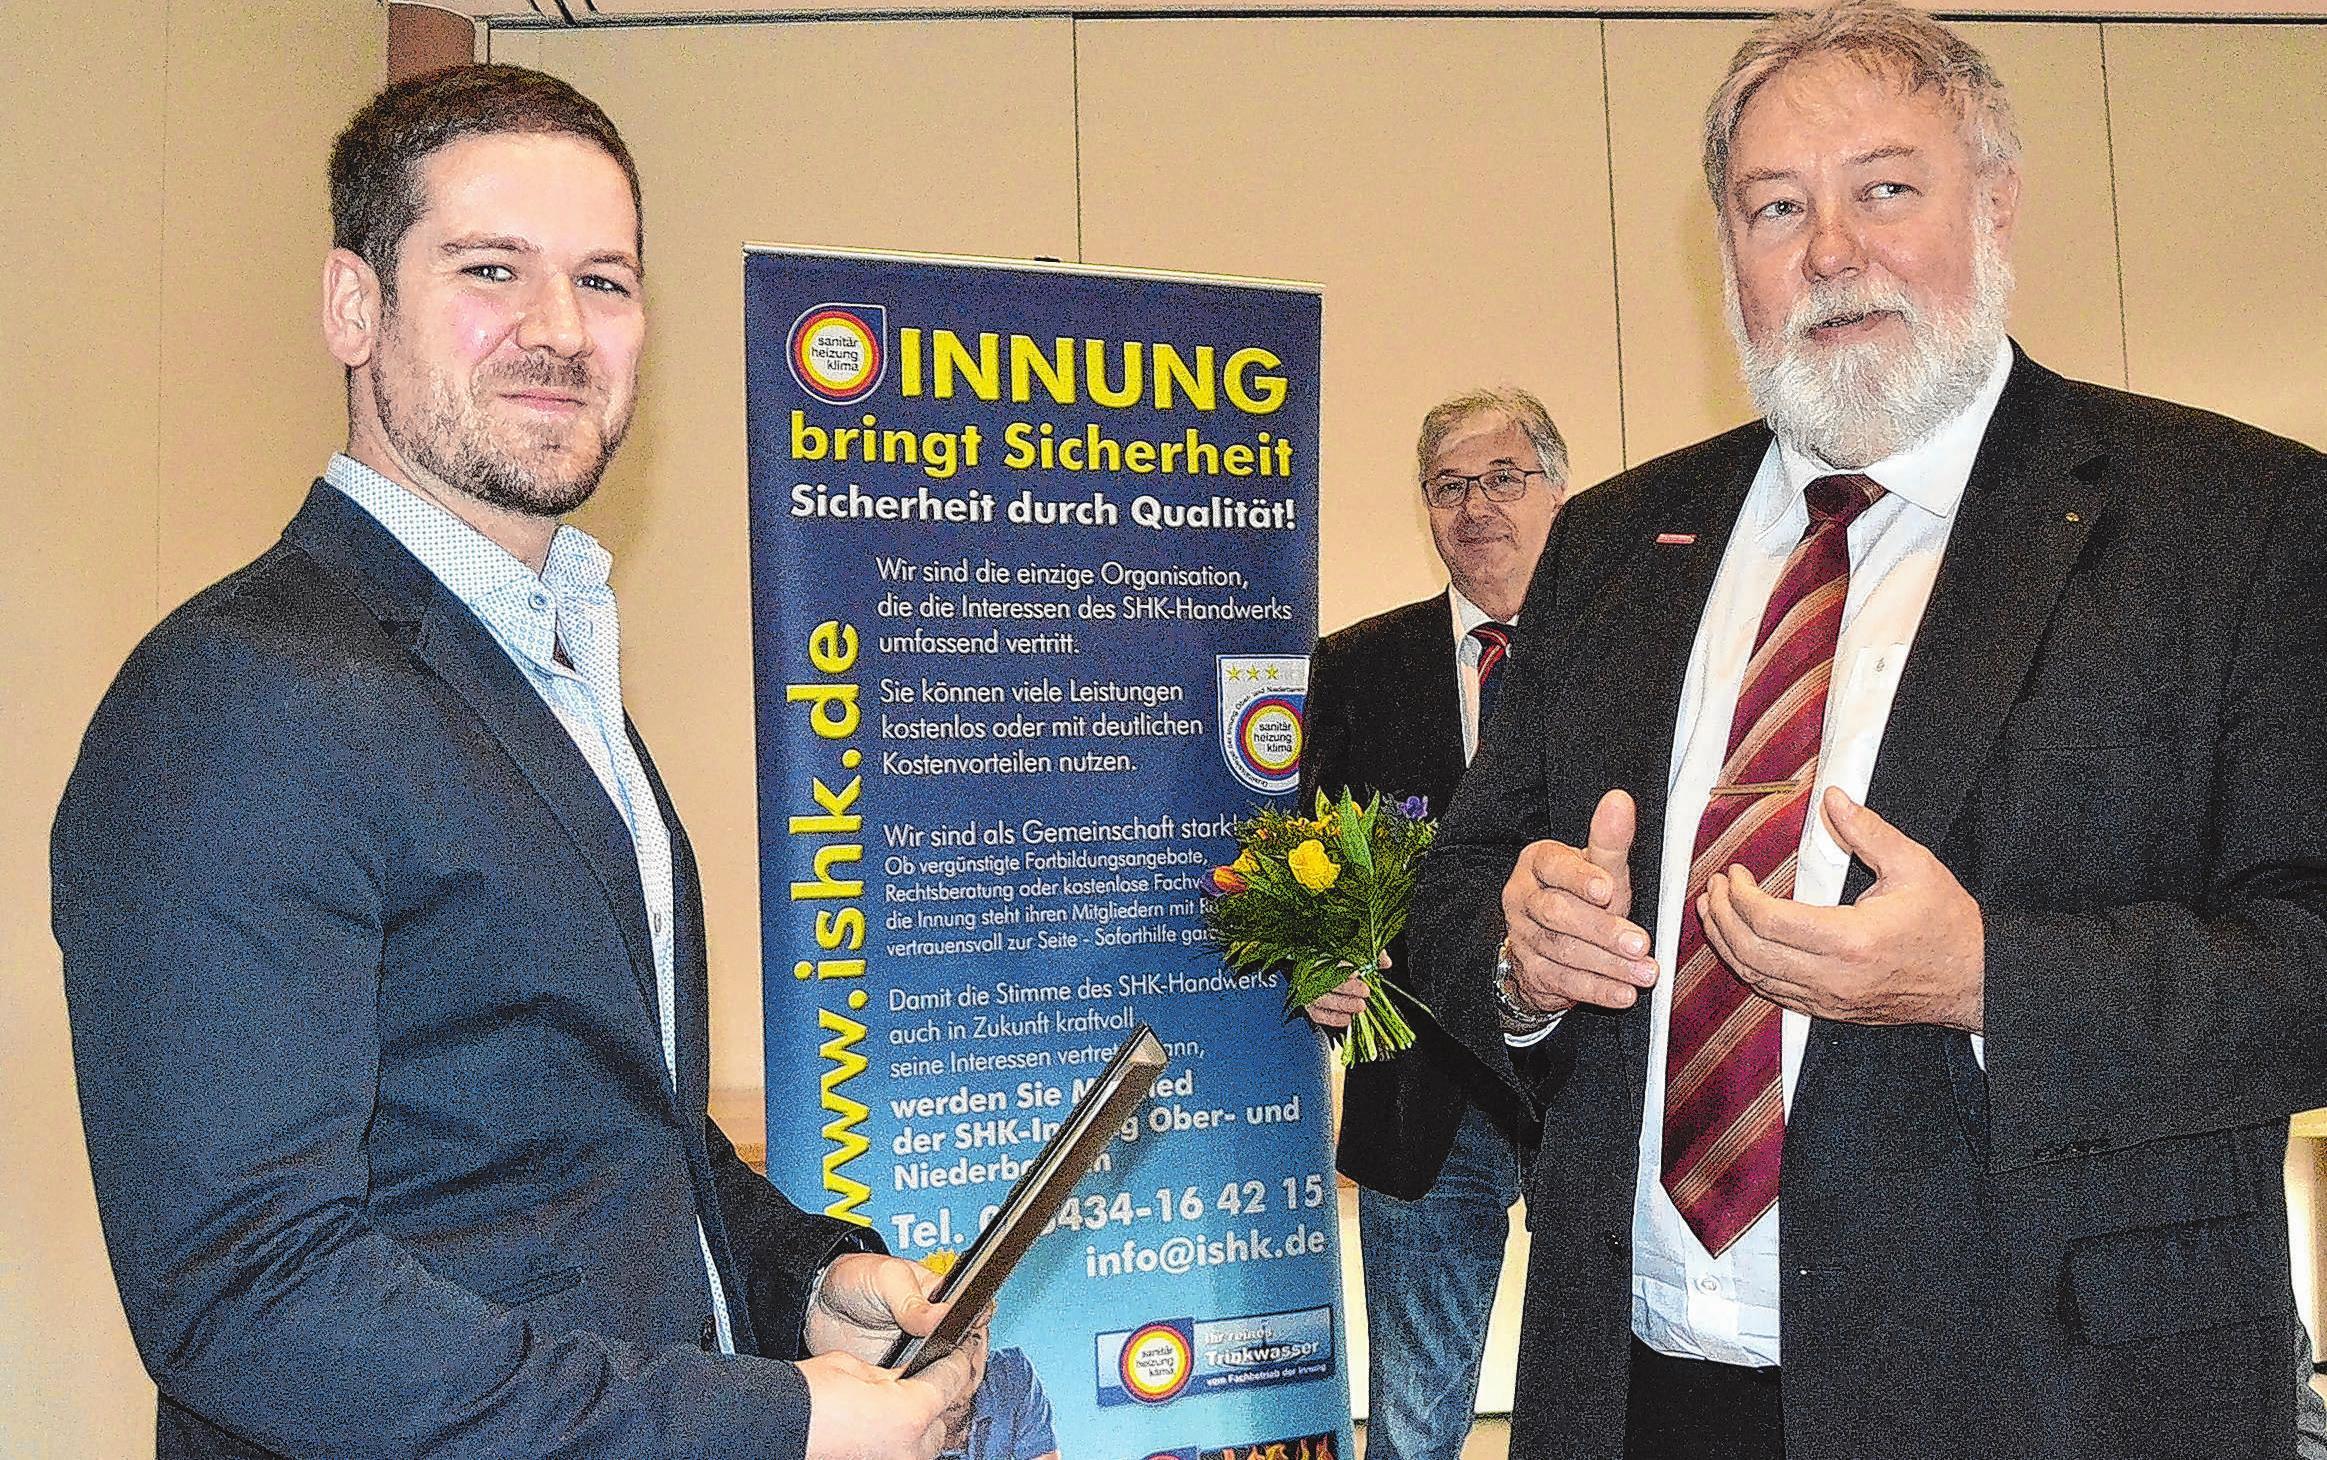 Bester: Gonzales Garcias Jesus (l.) aus Spanien empfing Glückwünsche von Uwe Hoppe (r.), dem Hauptgeschäftsführer der Handwerkskammer Frankfurt (Oder) Region Ostbrandenburg